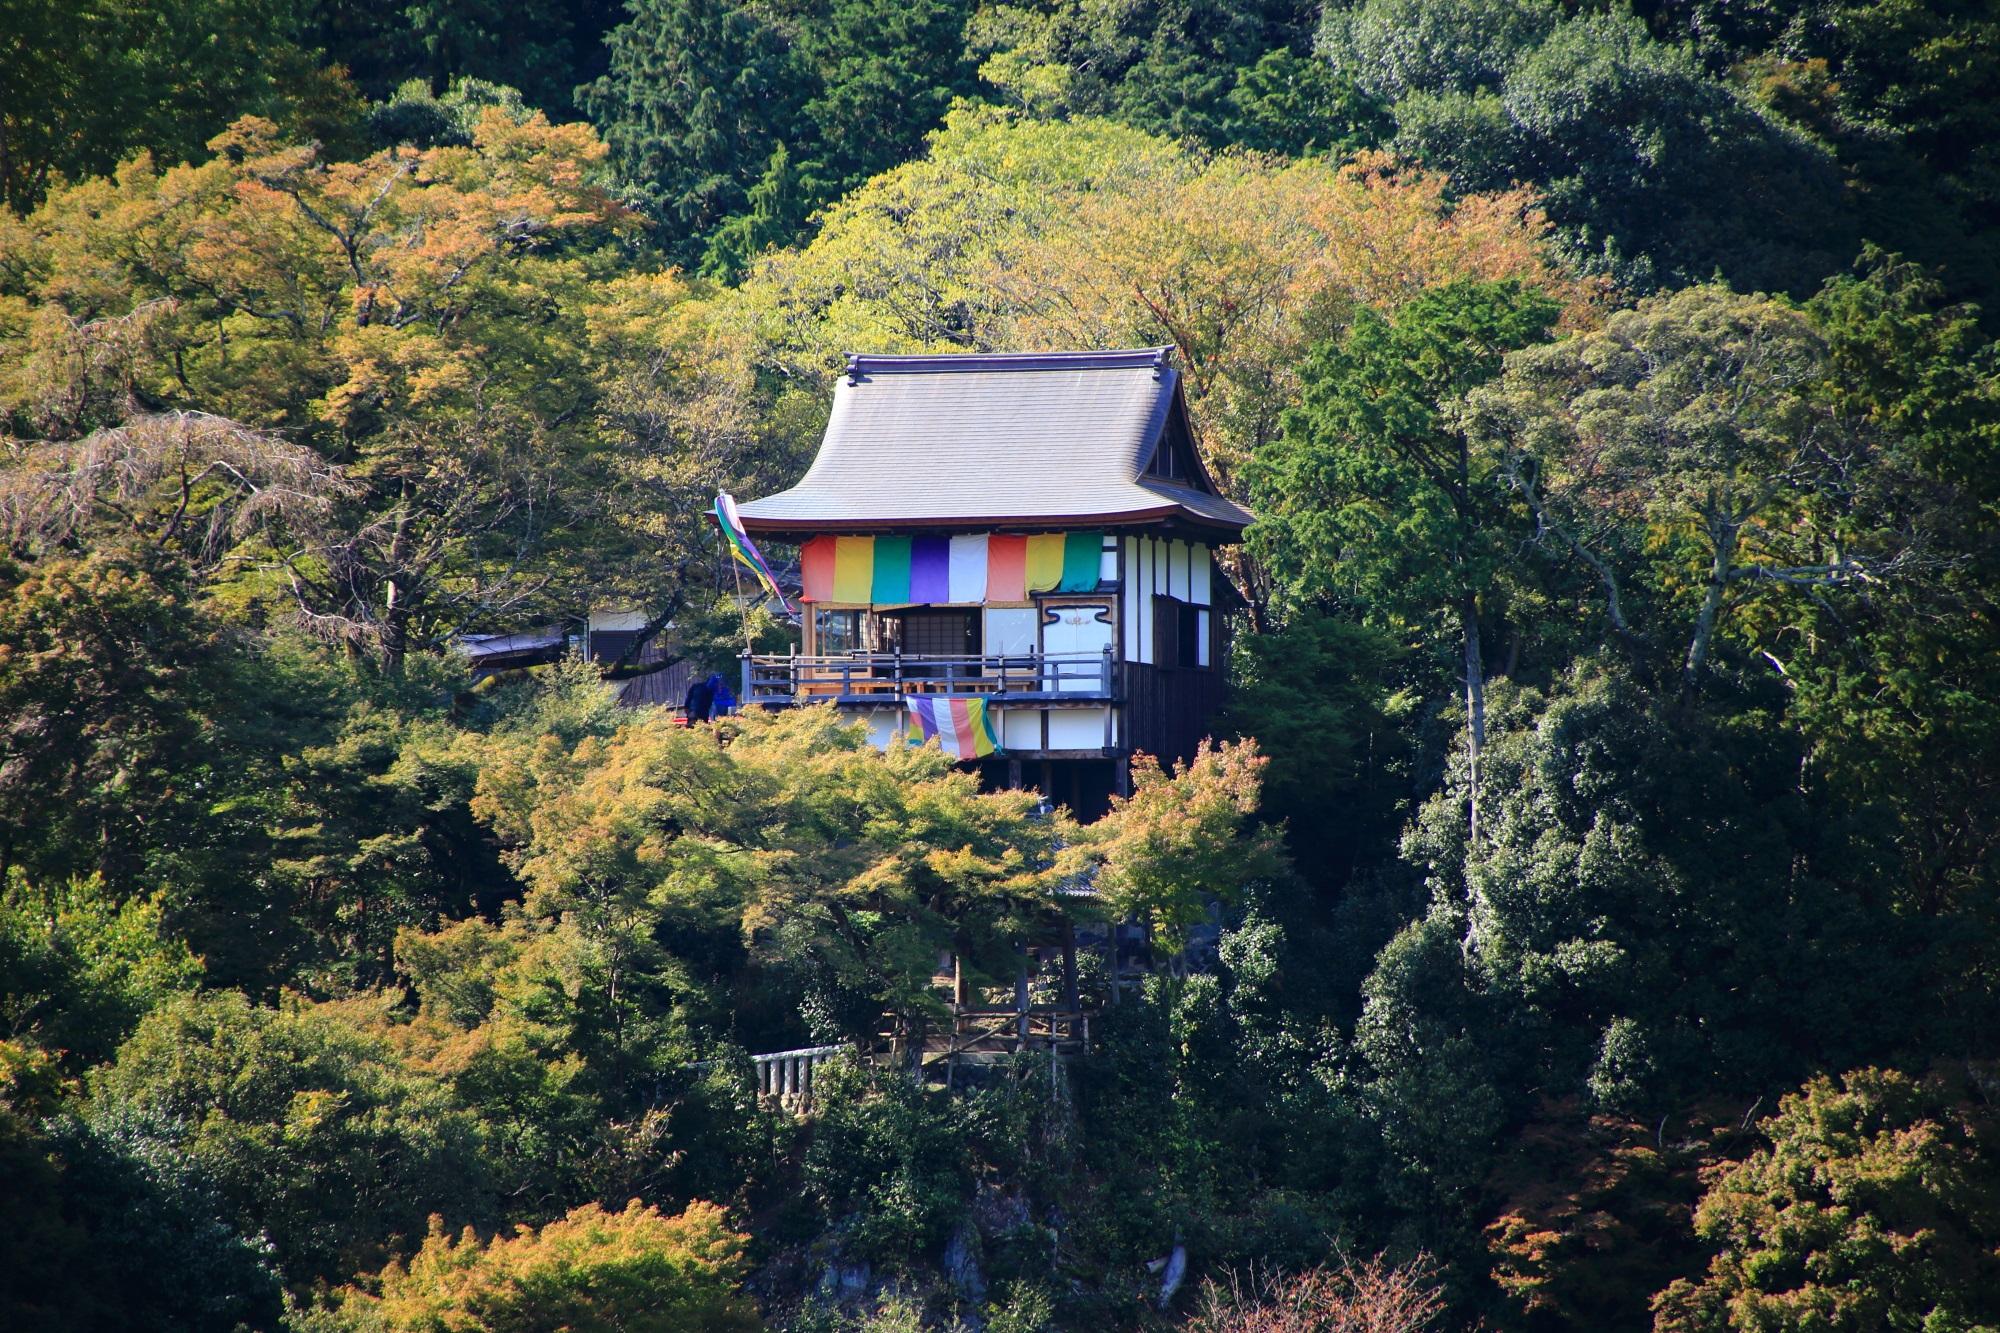 嵐山公園 亀山地区展望台から望む大悲閣 千光寺